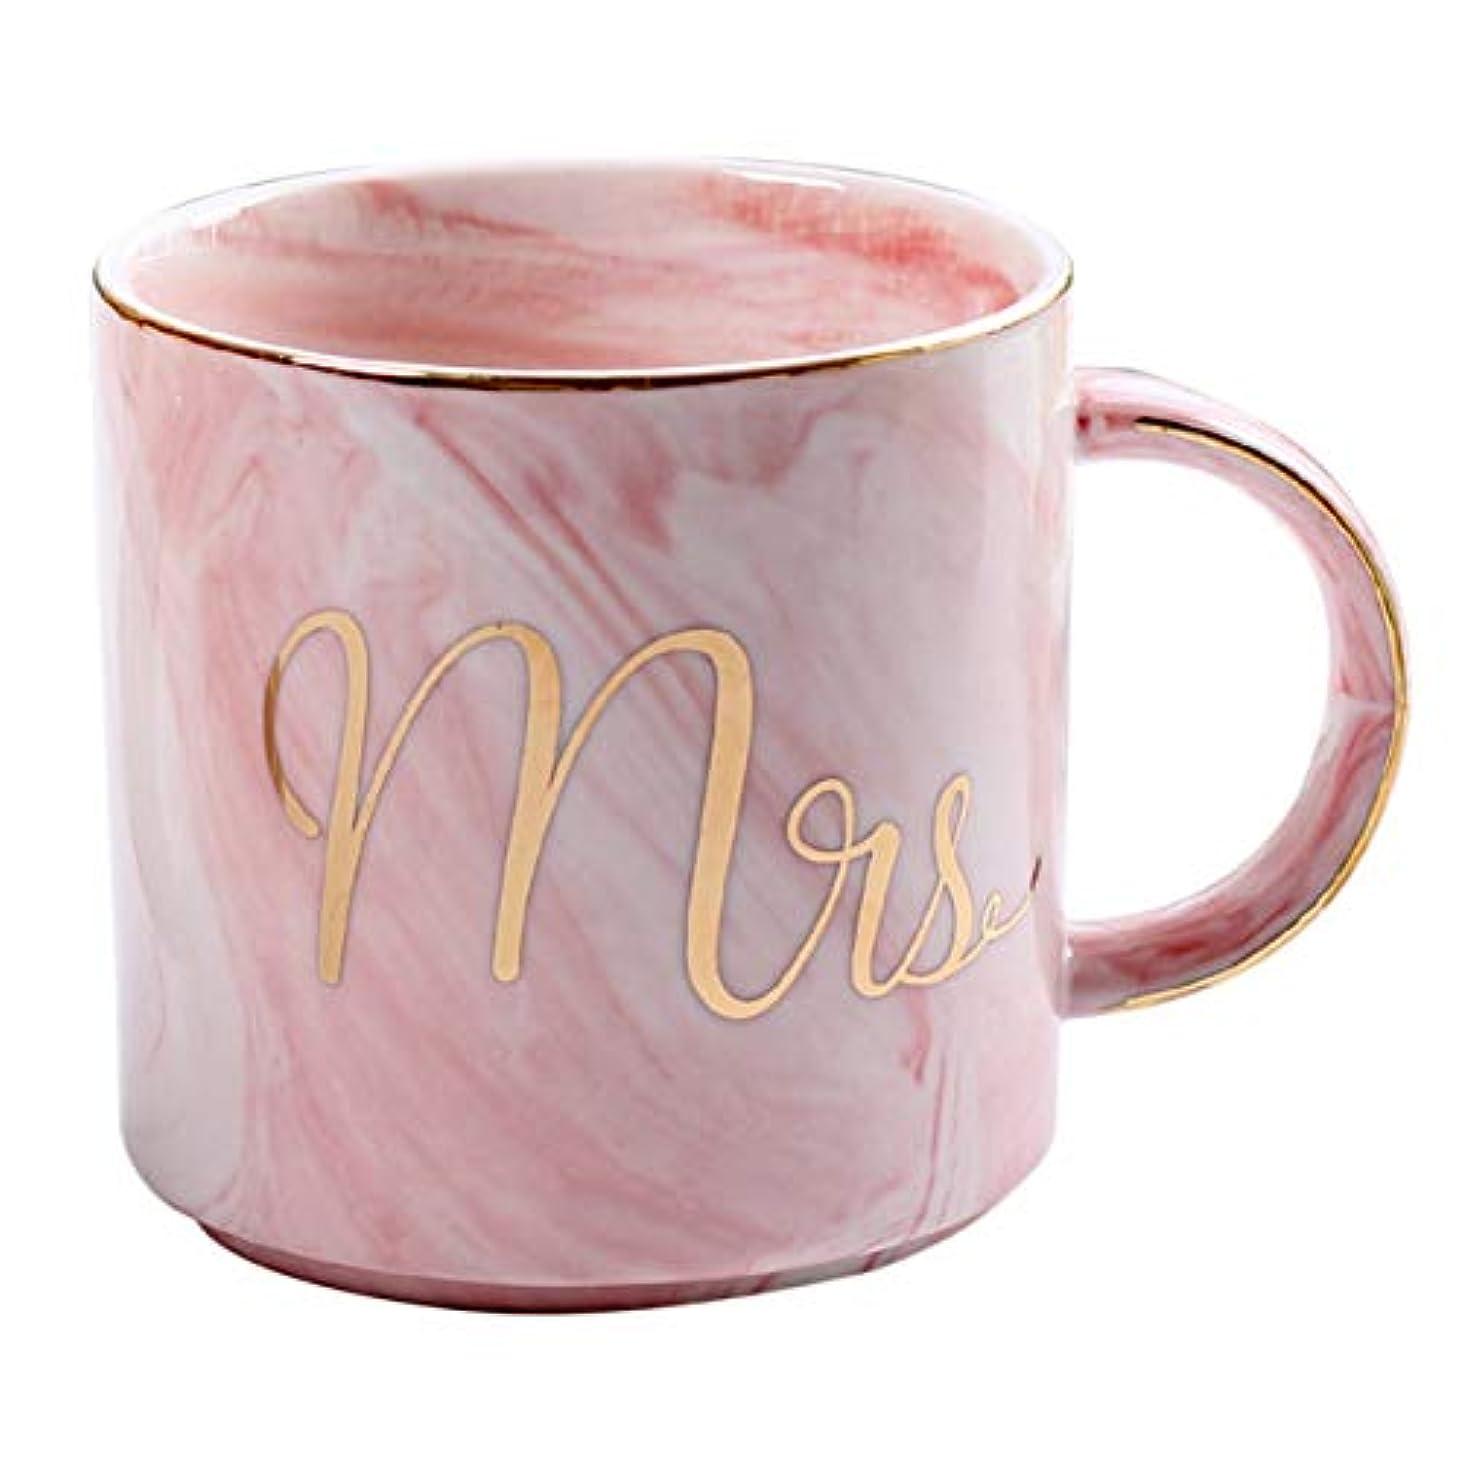 ドアの数学Saikogoods 愛好家のためのホームオフィスベストギフトのための美しいMarbelパターンセラミック水マグレタープリントコーヒーカップ ピンク